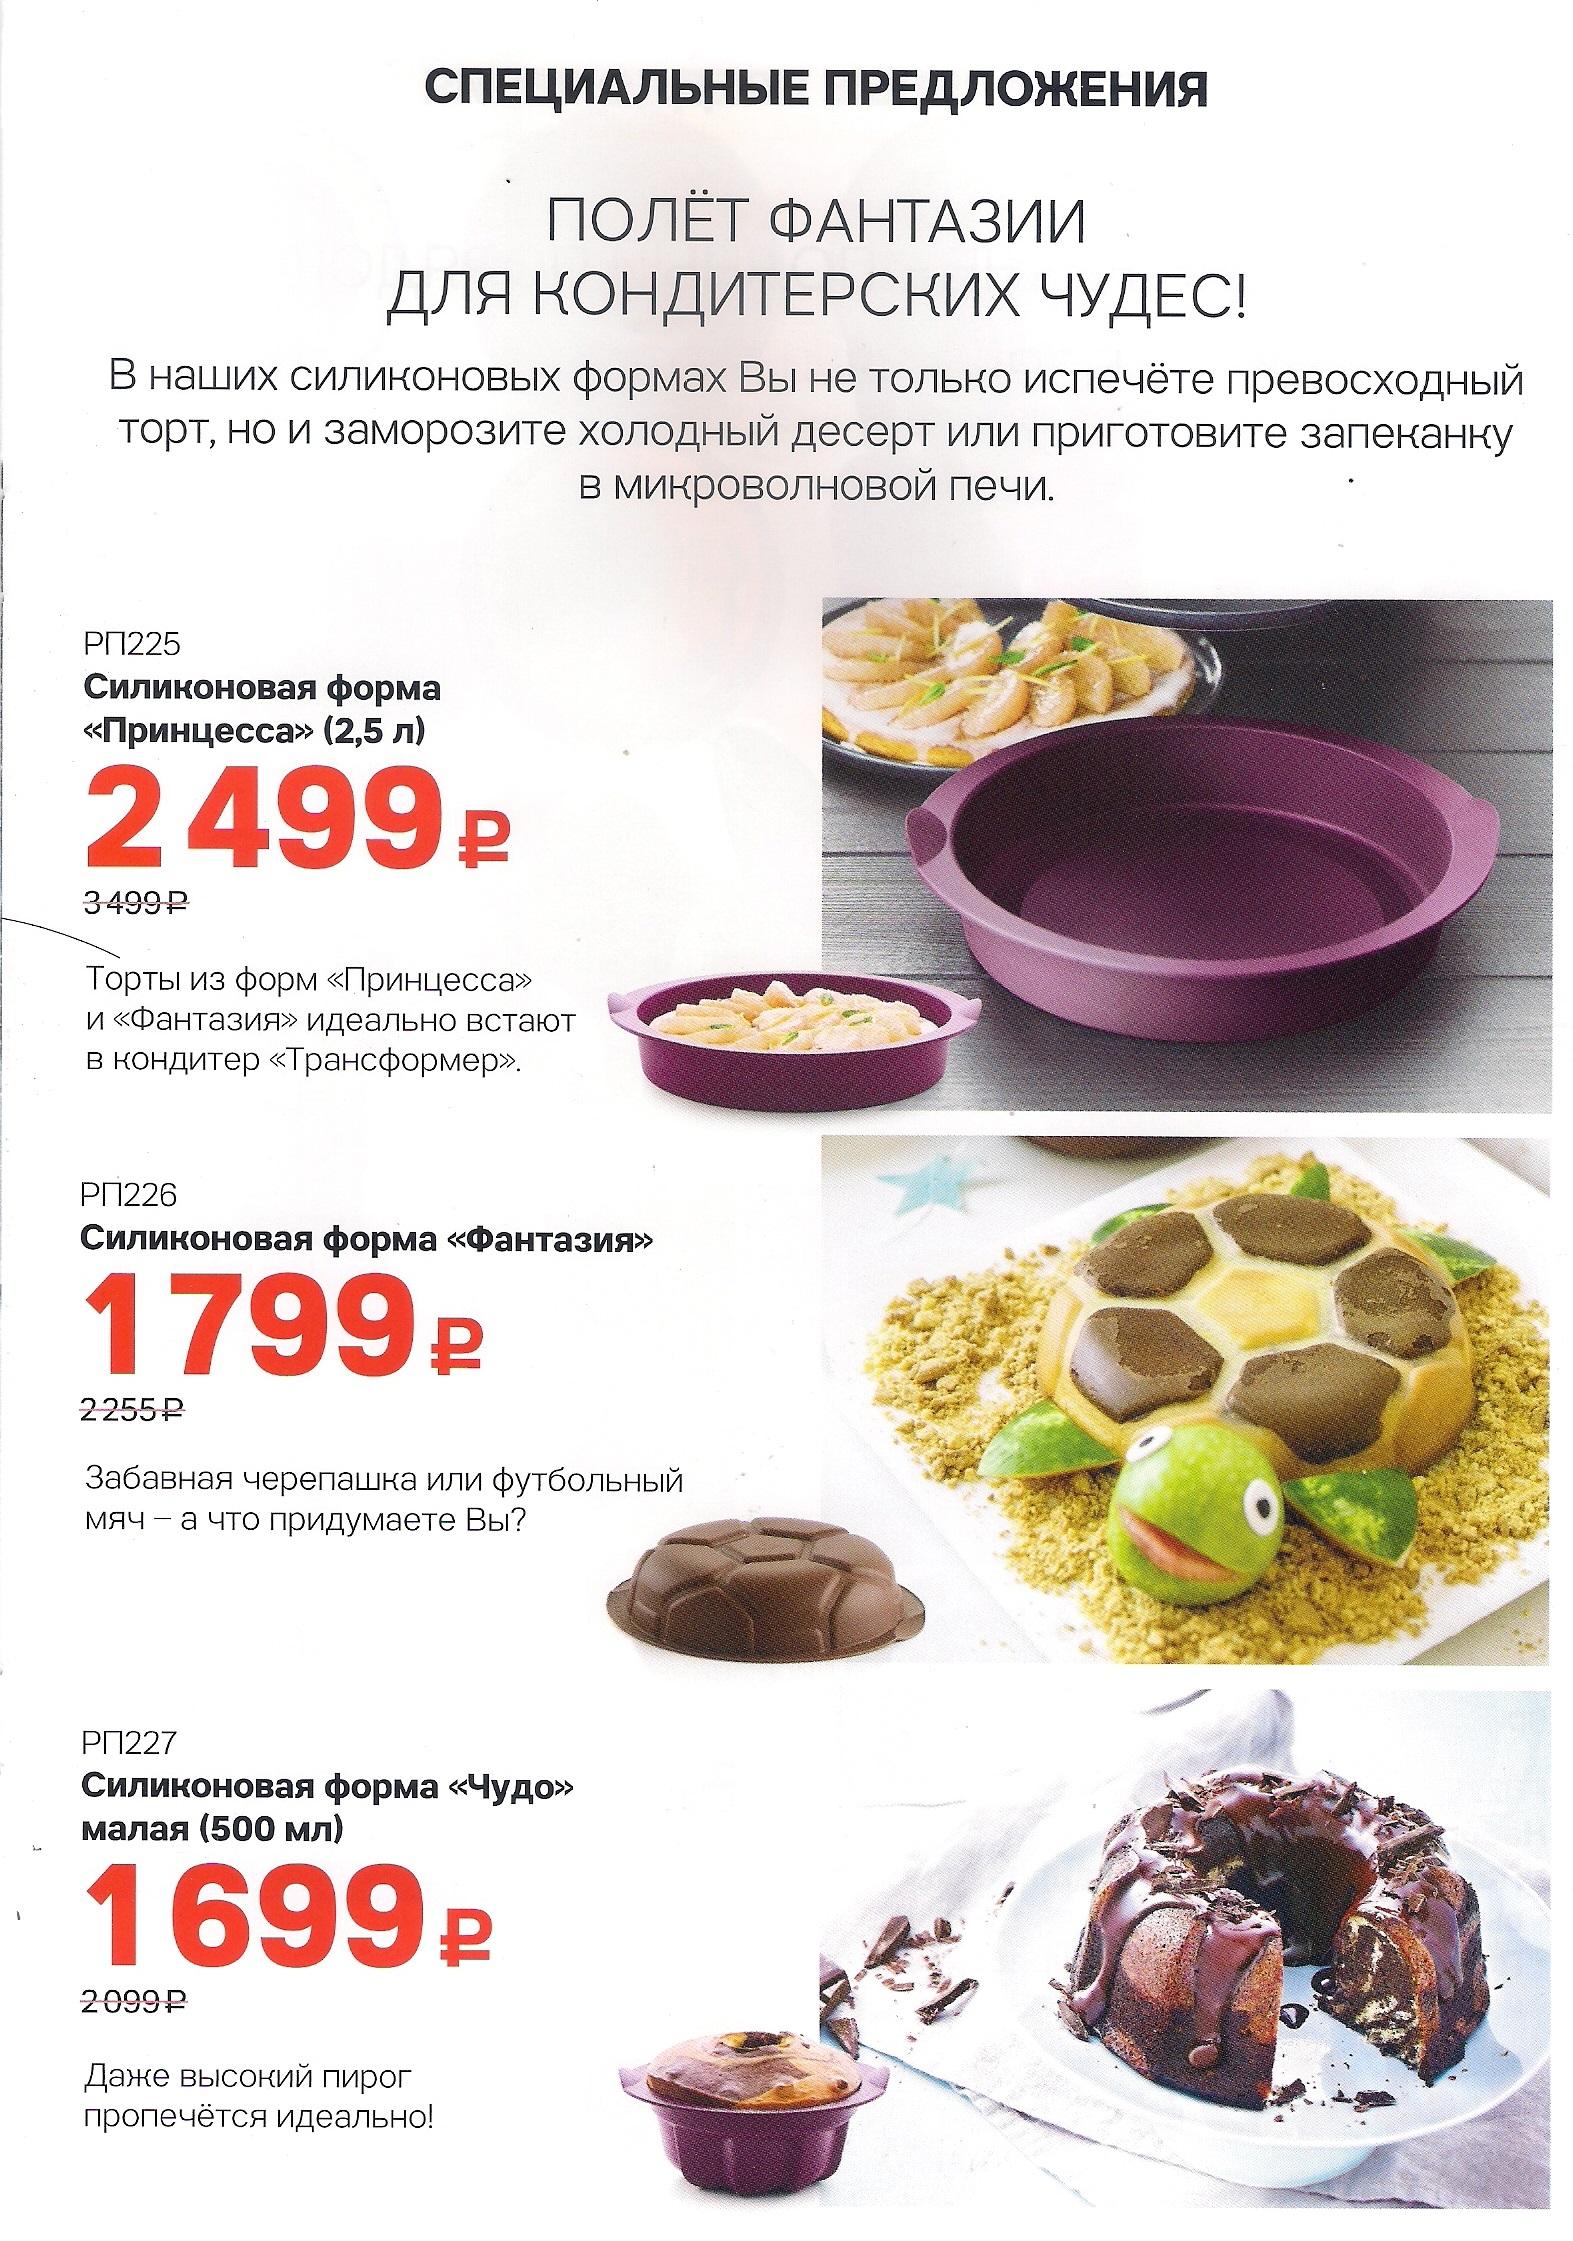 https://tupperware-online.ru/images/upload/9n.jpg